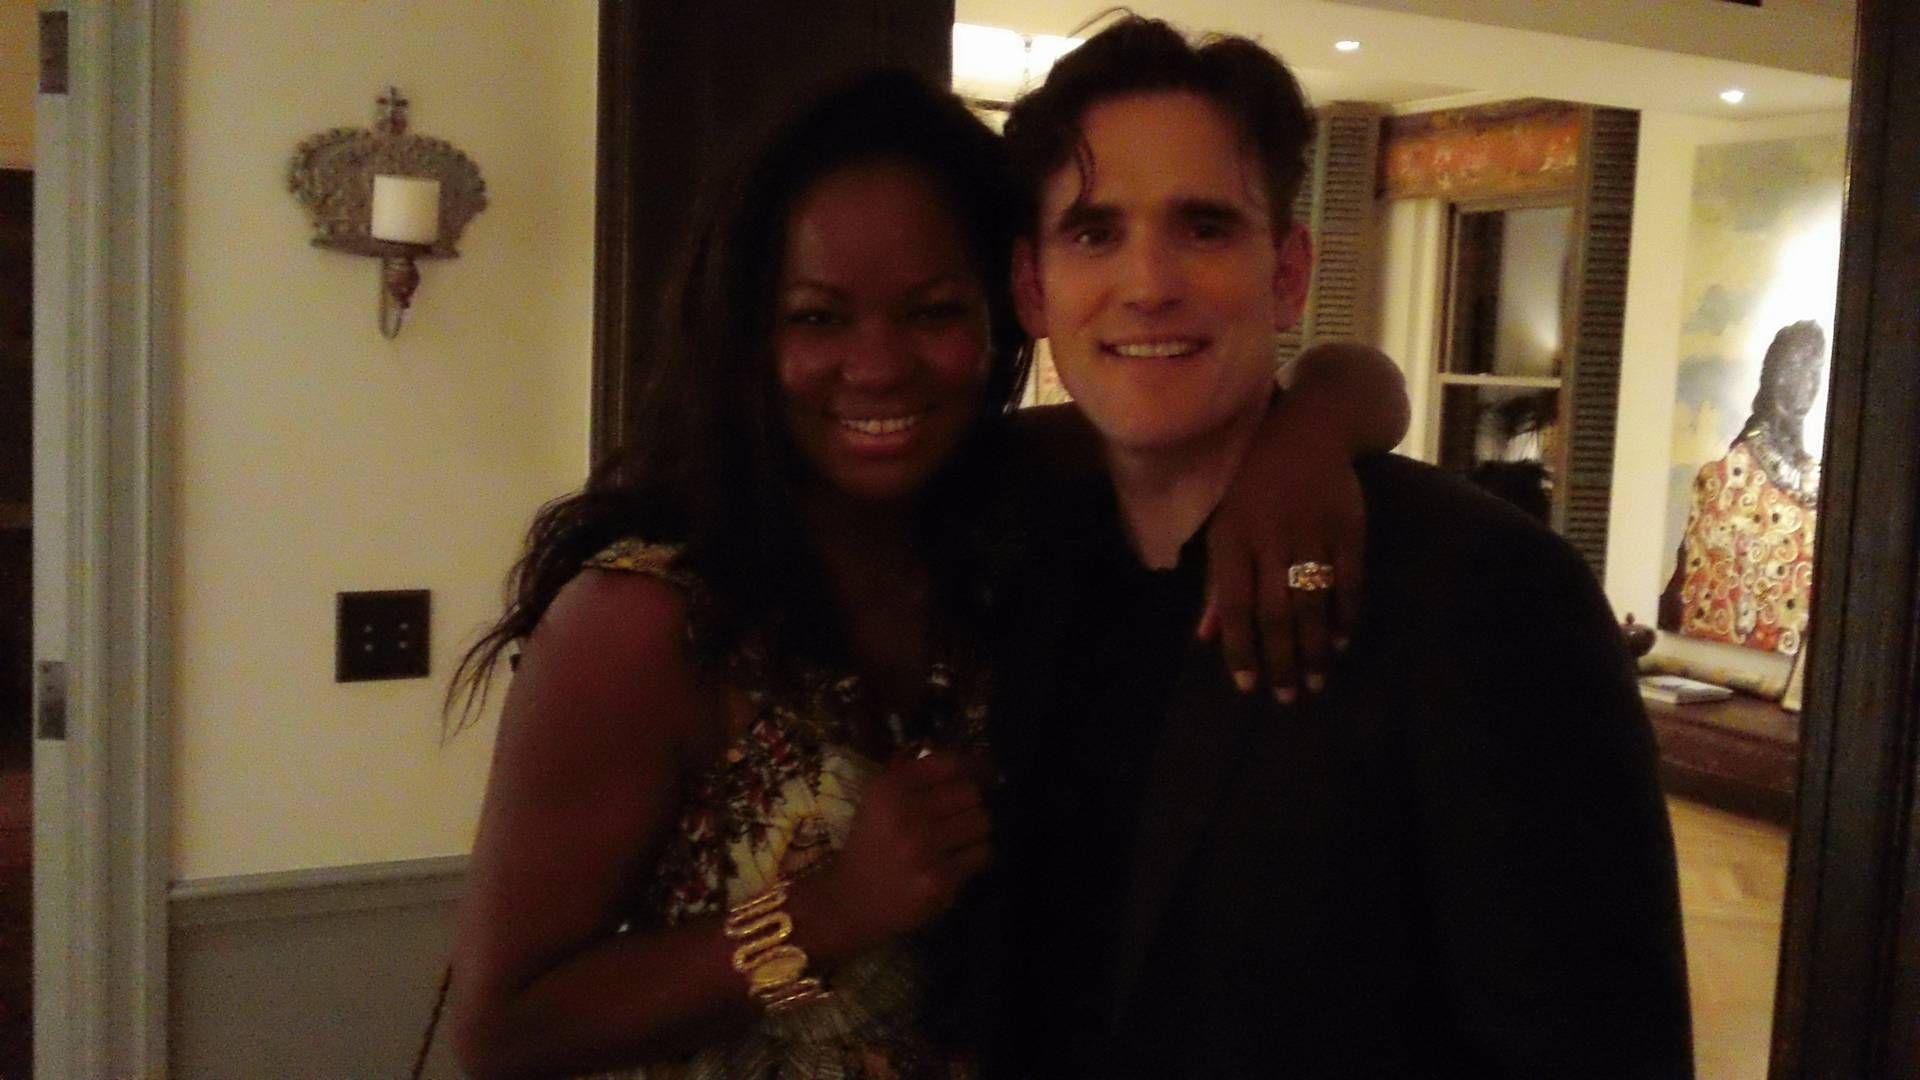 MacDella's and her confidant Matt of a decade. Service